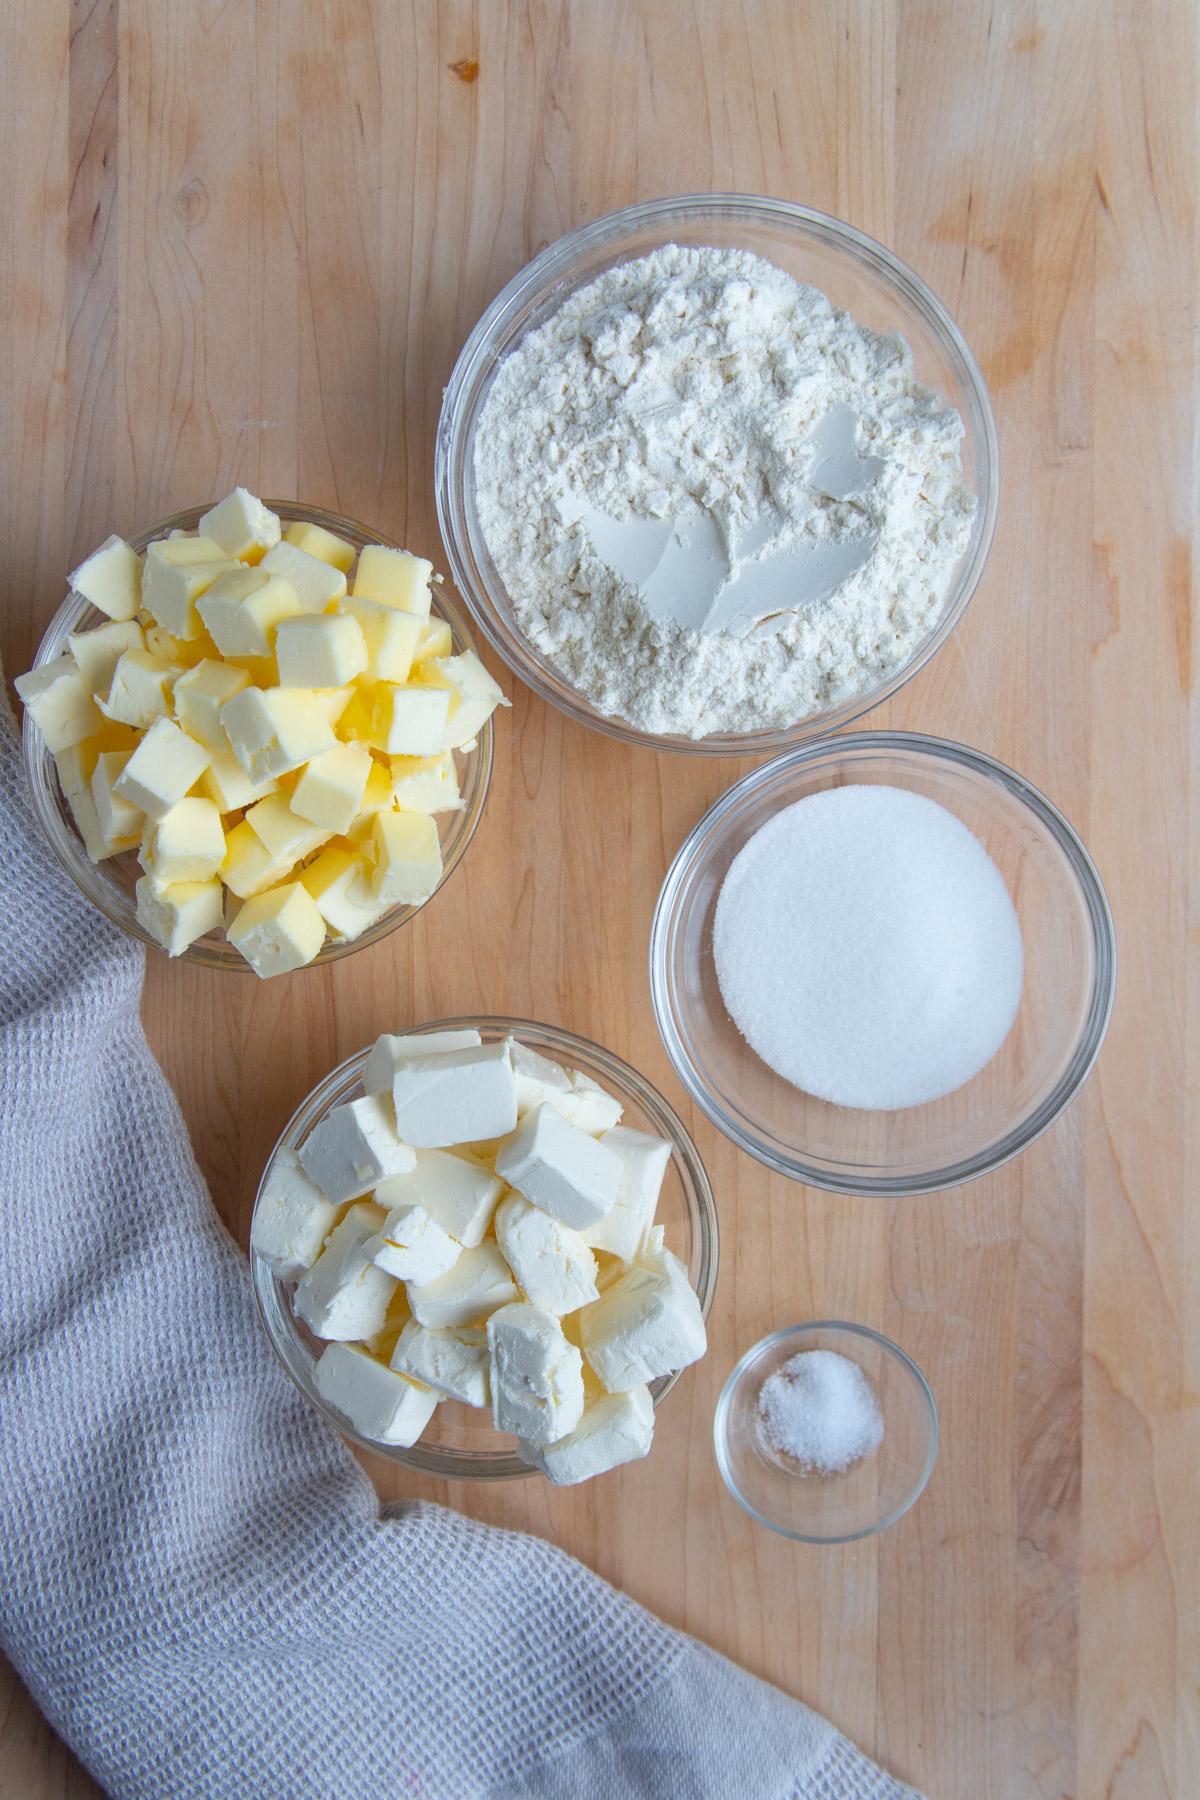 Butter, cream cheese, flour, sugar and salt